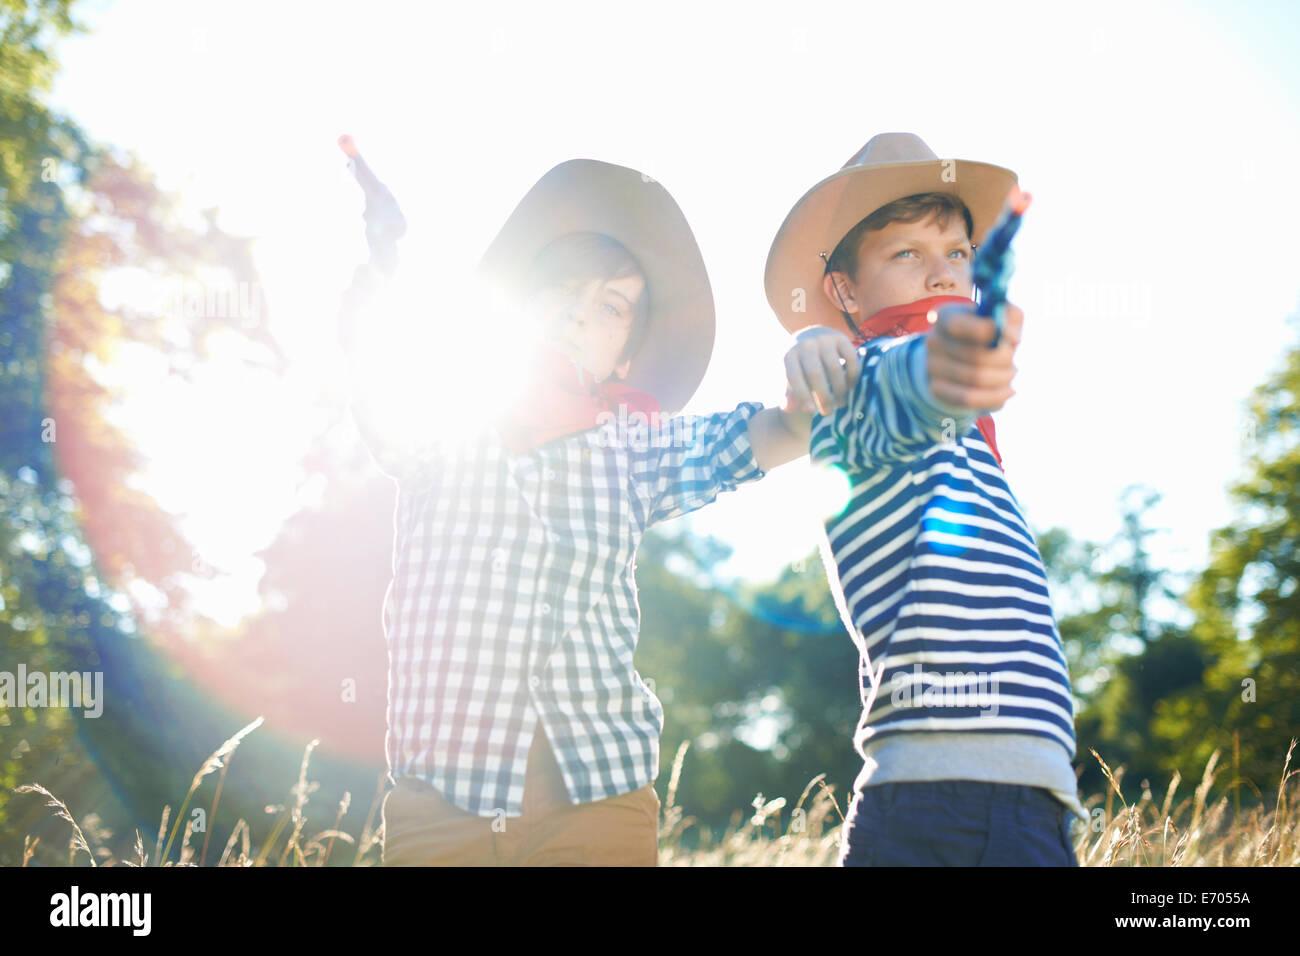 Dos chicos jóvenes vestidos como vaqueros, sosteniendo pistolas de juguete Imagen De Stock